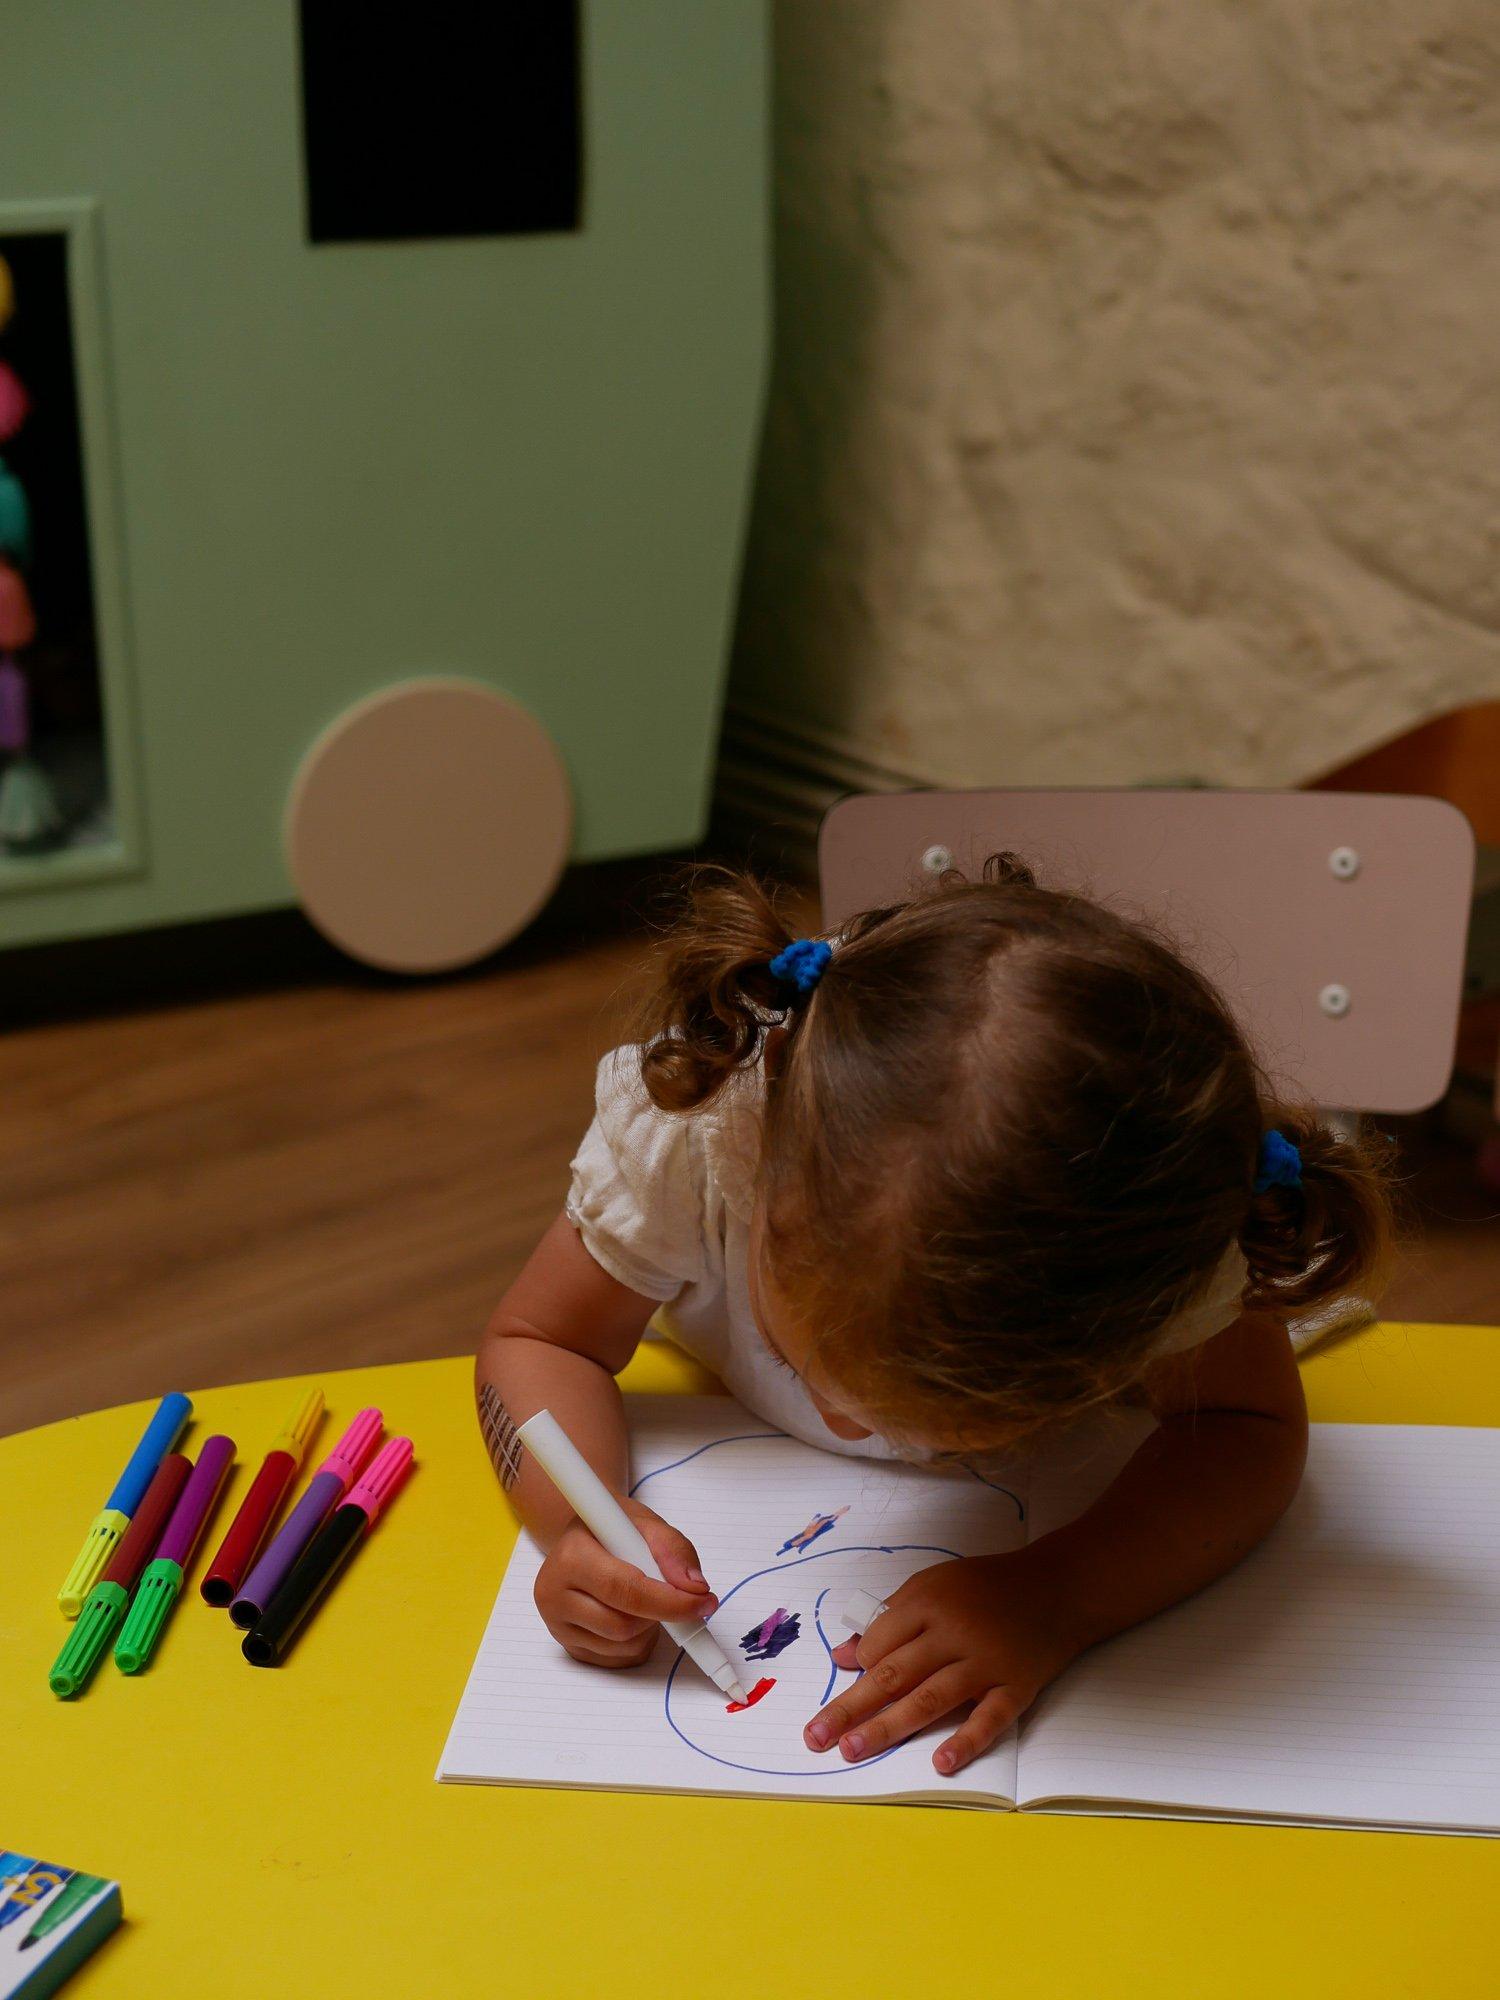 developper la créativité chez son enfant, pourquoi et comment? par the happy now